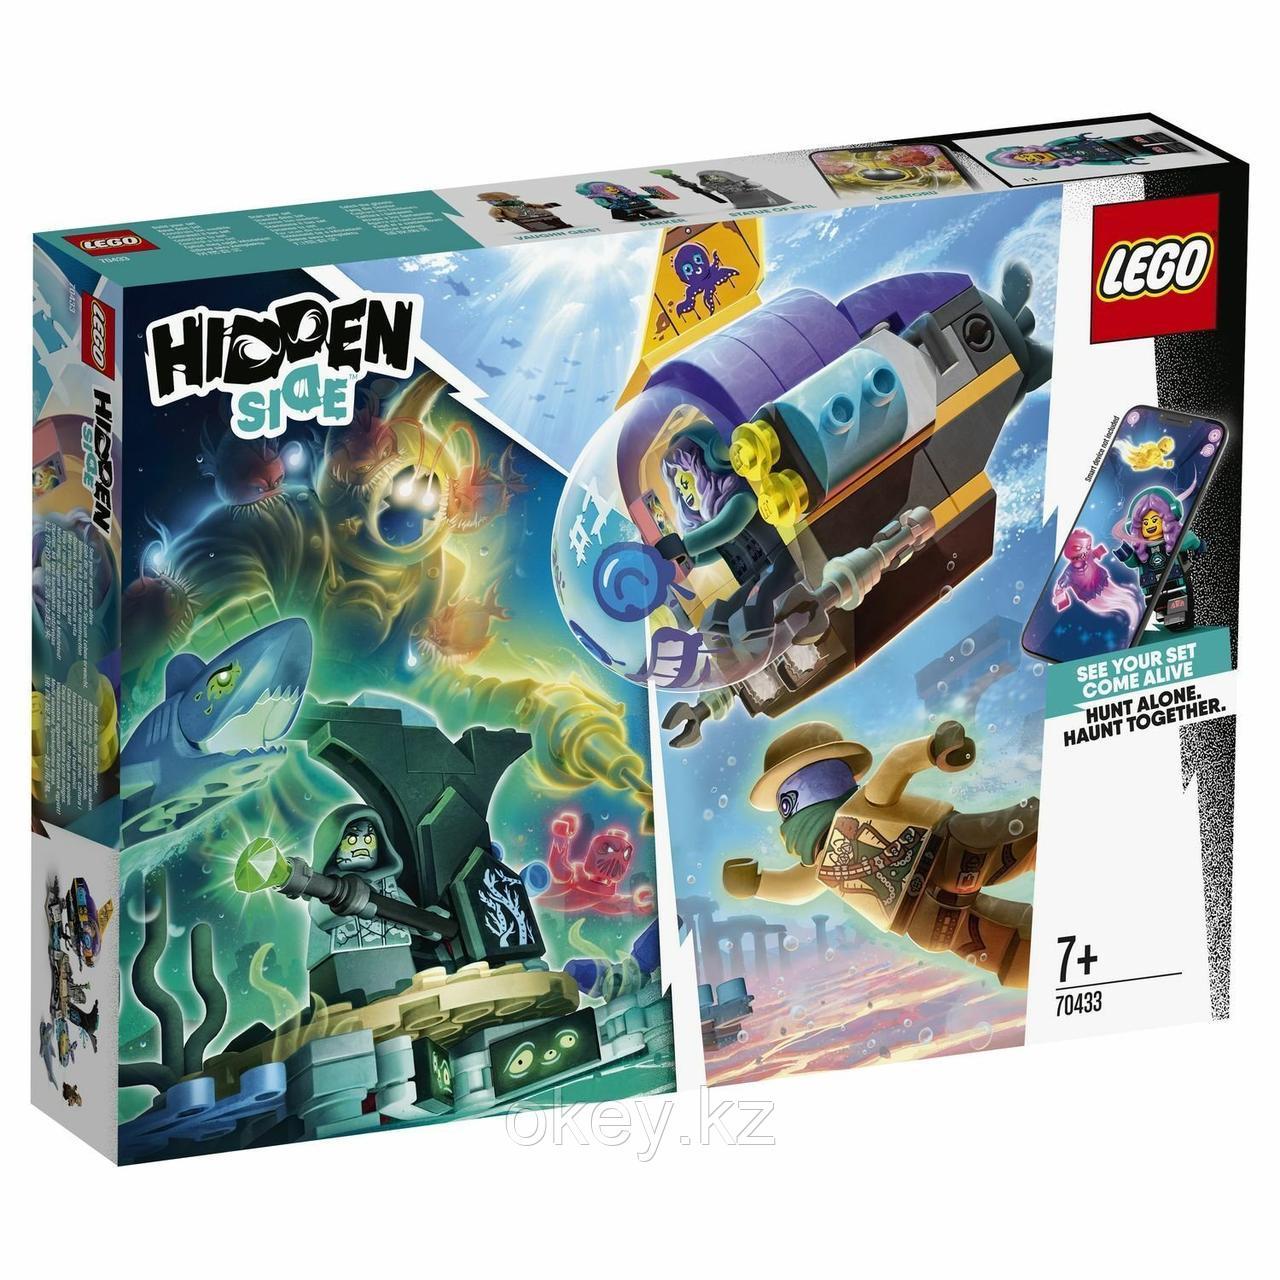 LEGO Hidden Side: Подводная лодка Джей-Би 70433